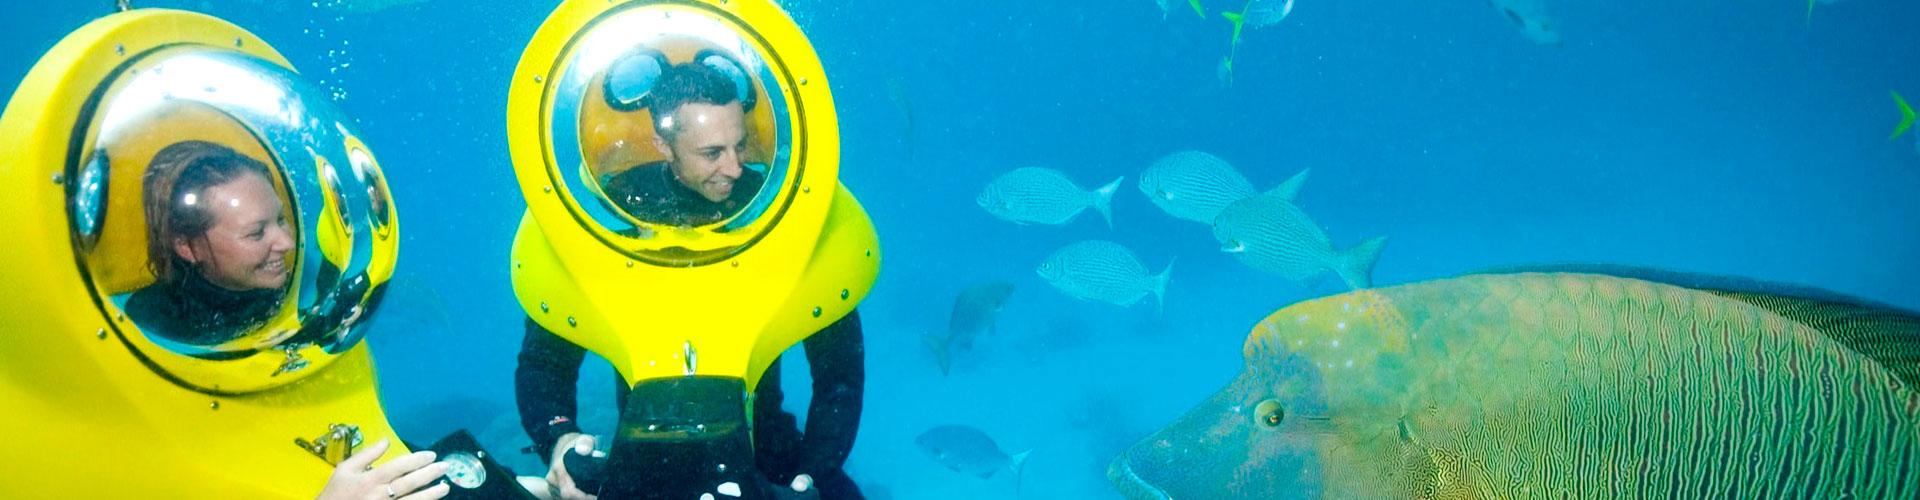 Bob Diving